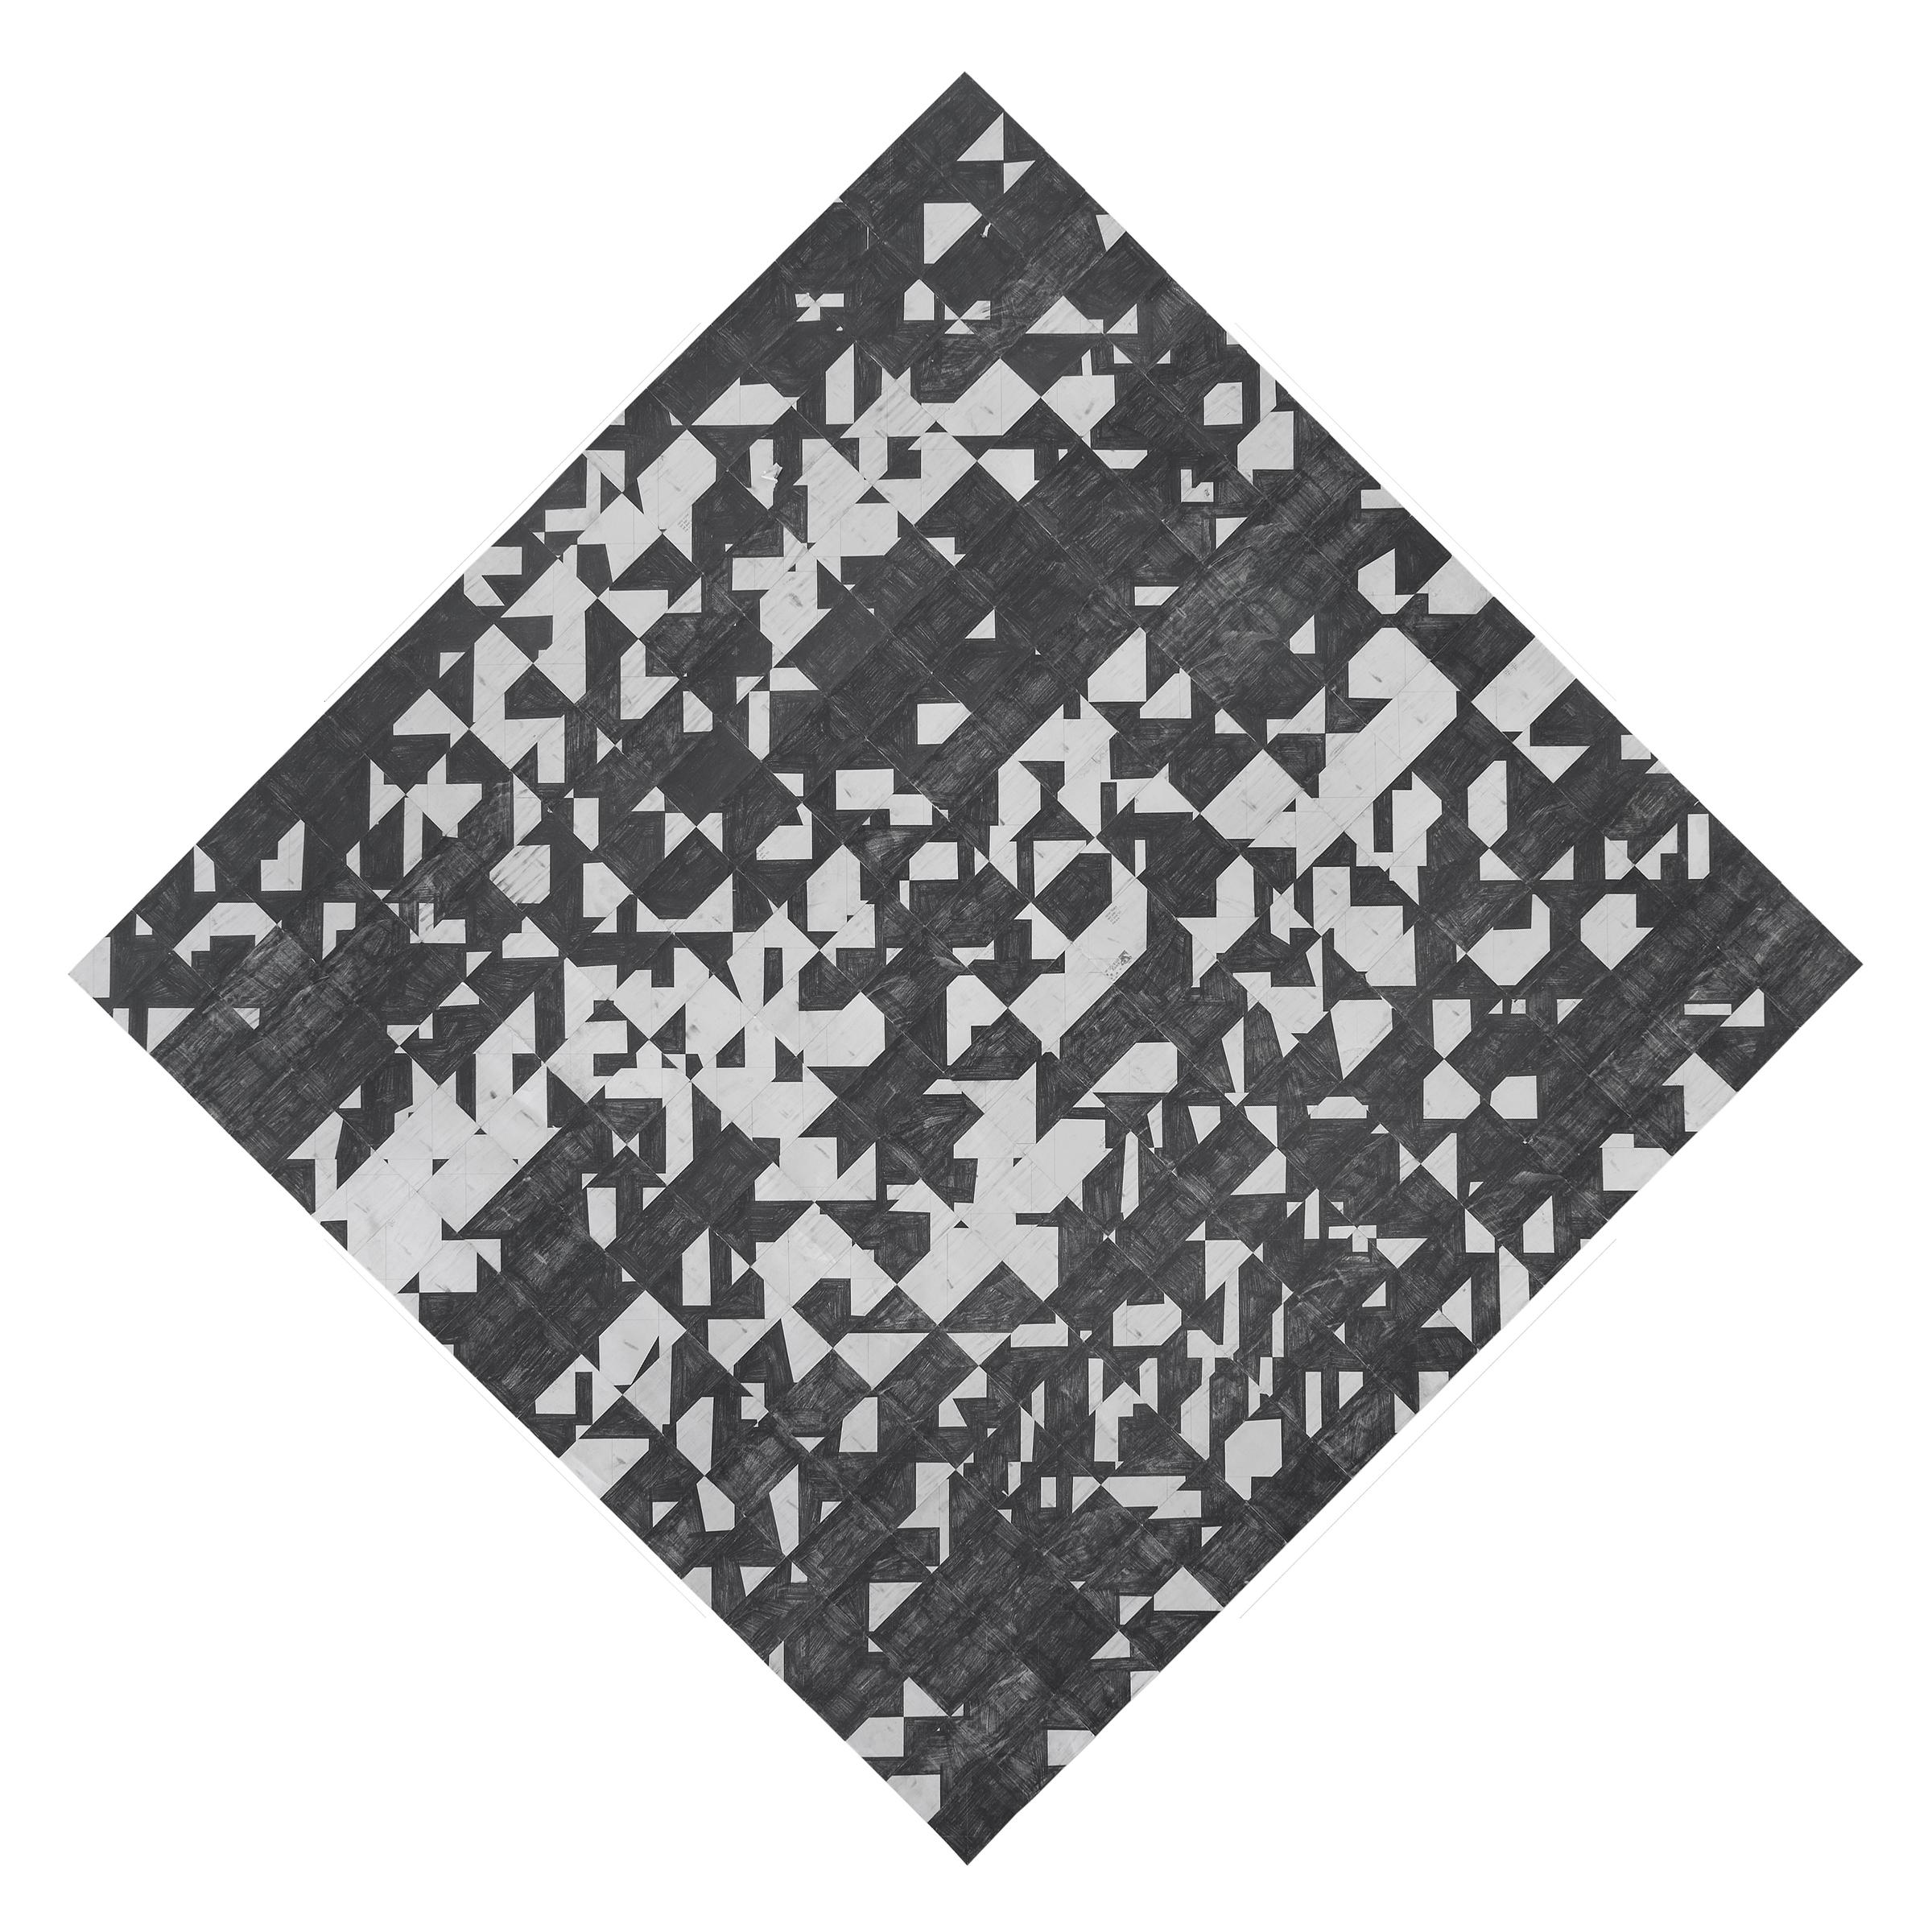 Agnes Lux,  5-Q-1 , 2015, postcards, graphite, 77.1 x 77.2 in